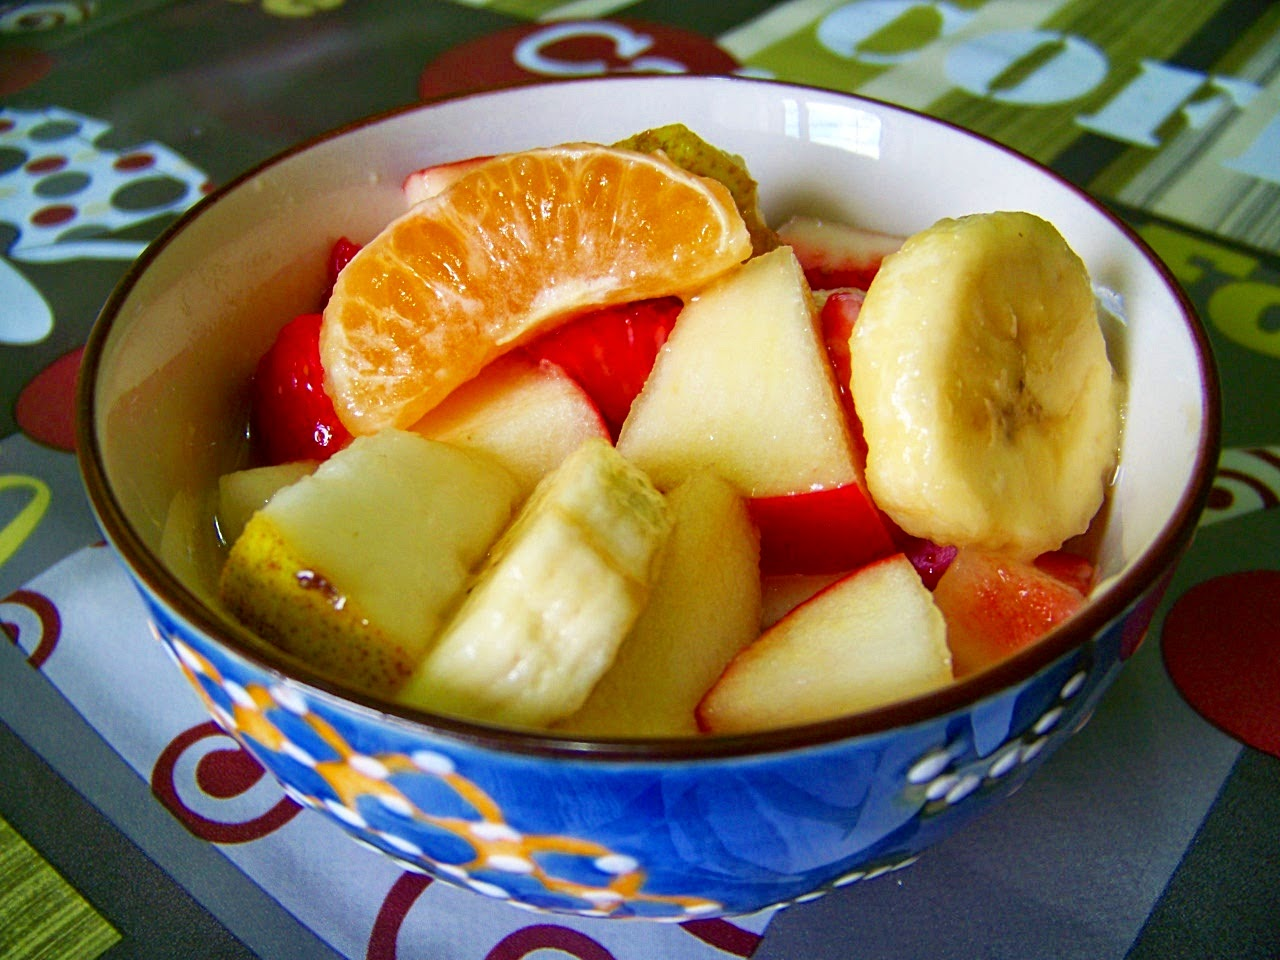 Aprendizaje cooperativo t cnicas y actividades - Macedonia de frutas para ninos ...